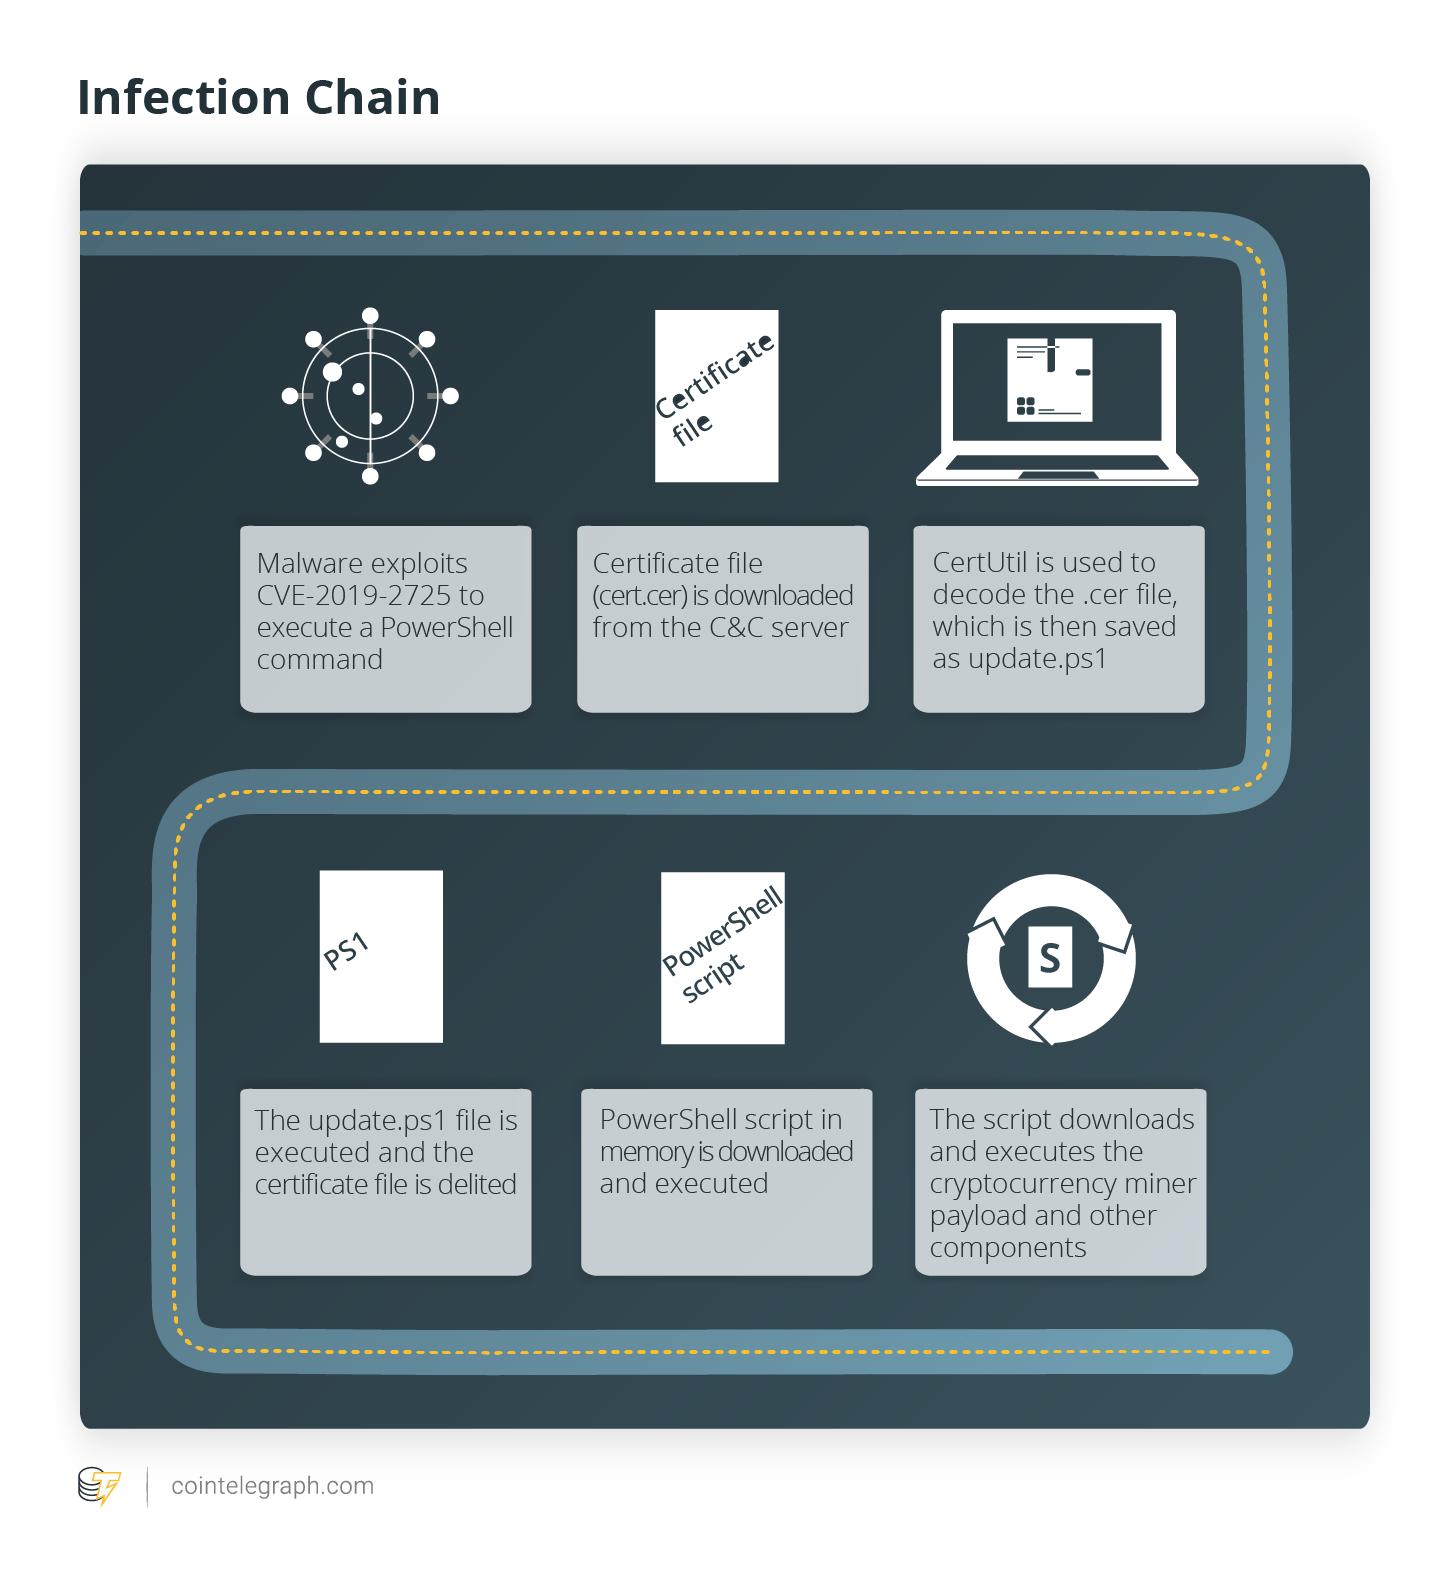 نگاهی بر بدافزارها و تکنیکهای سرقت رمزارز